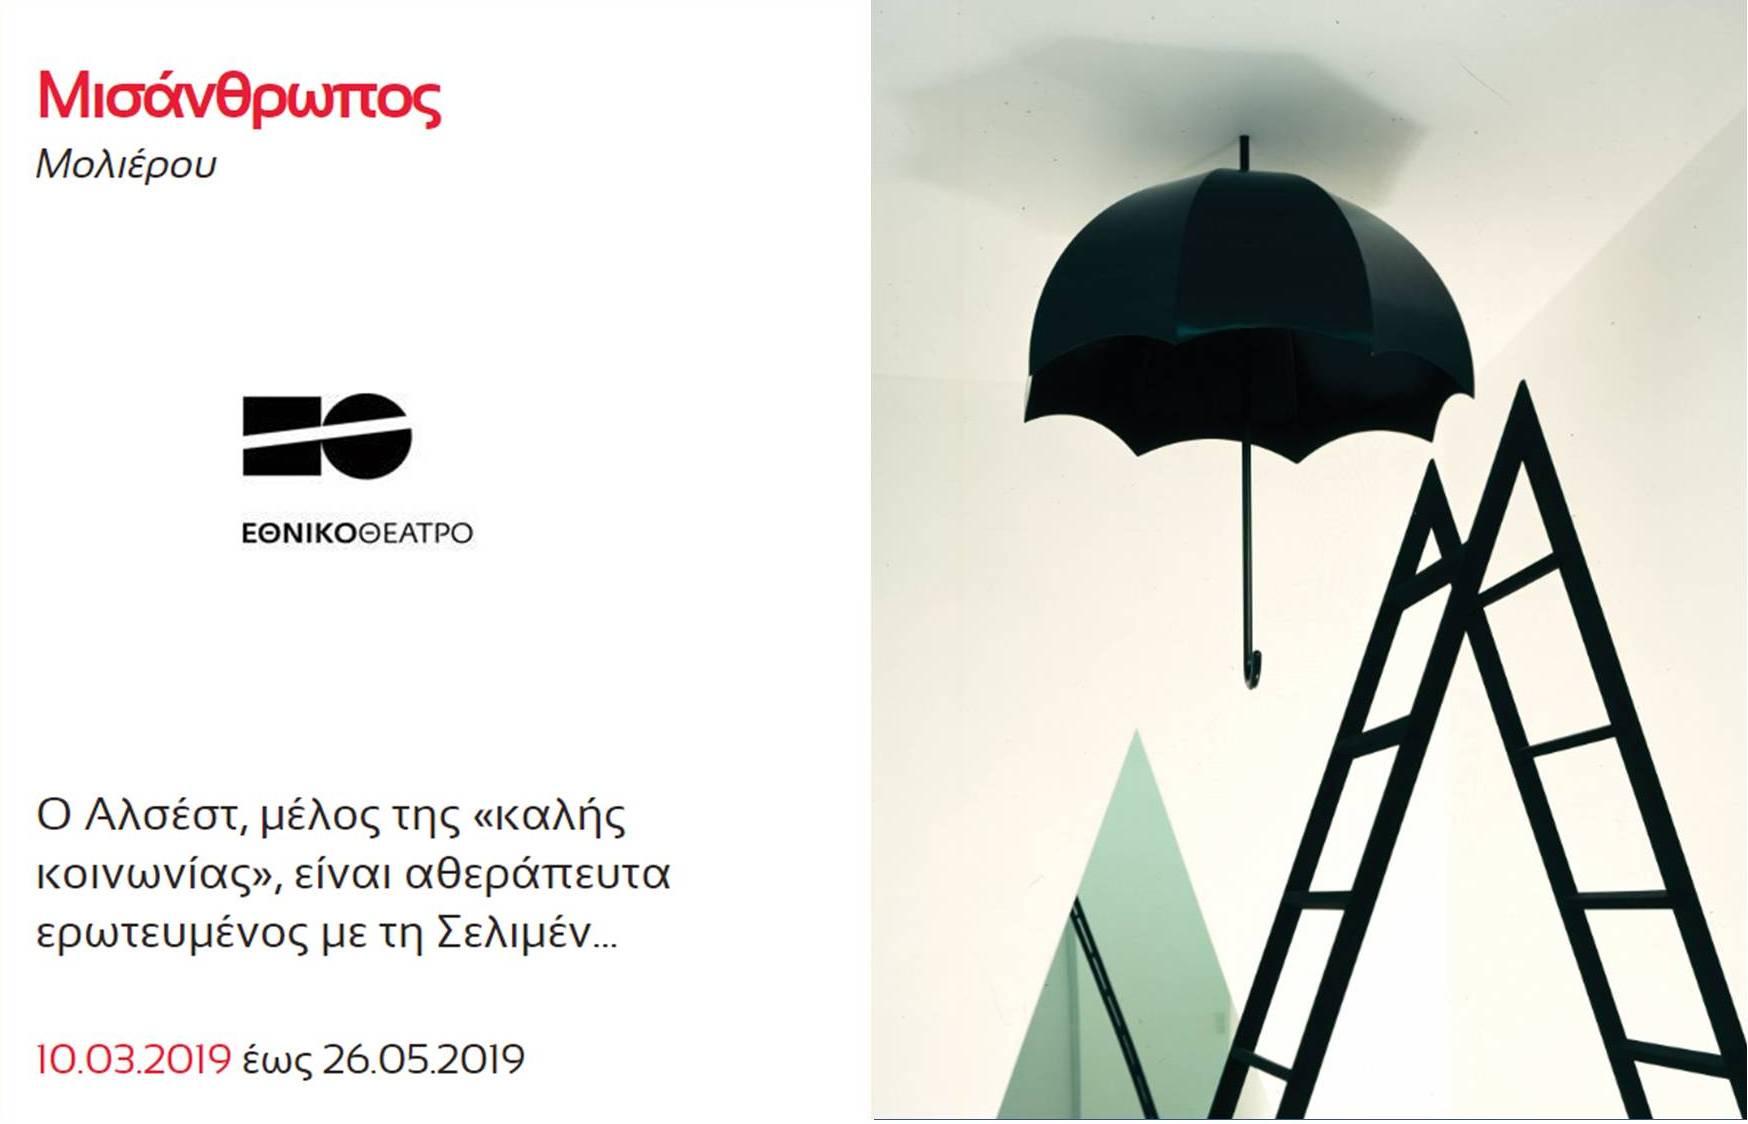 12€ από 18€ για είσοδο 1 ατόμου στον ''Μισάνθρωπο'', το διασημότερο έργο του Μολιέρου, σε σκηνοθεσία Γιάννη Χουβαρδά, στην κεντρική σκηνή του ΕΘΝΙΚΟΥ ΘΕΑΤΡΟΥ εικόνα